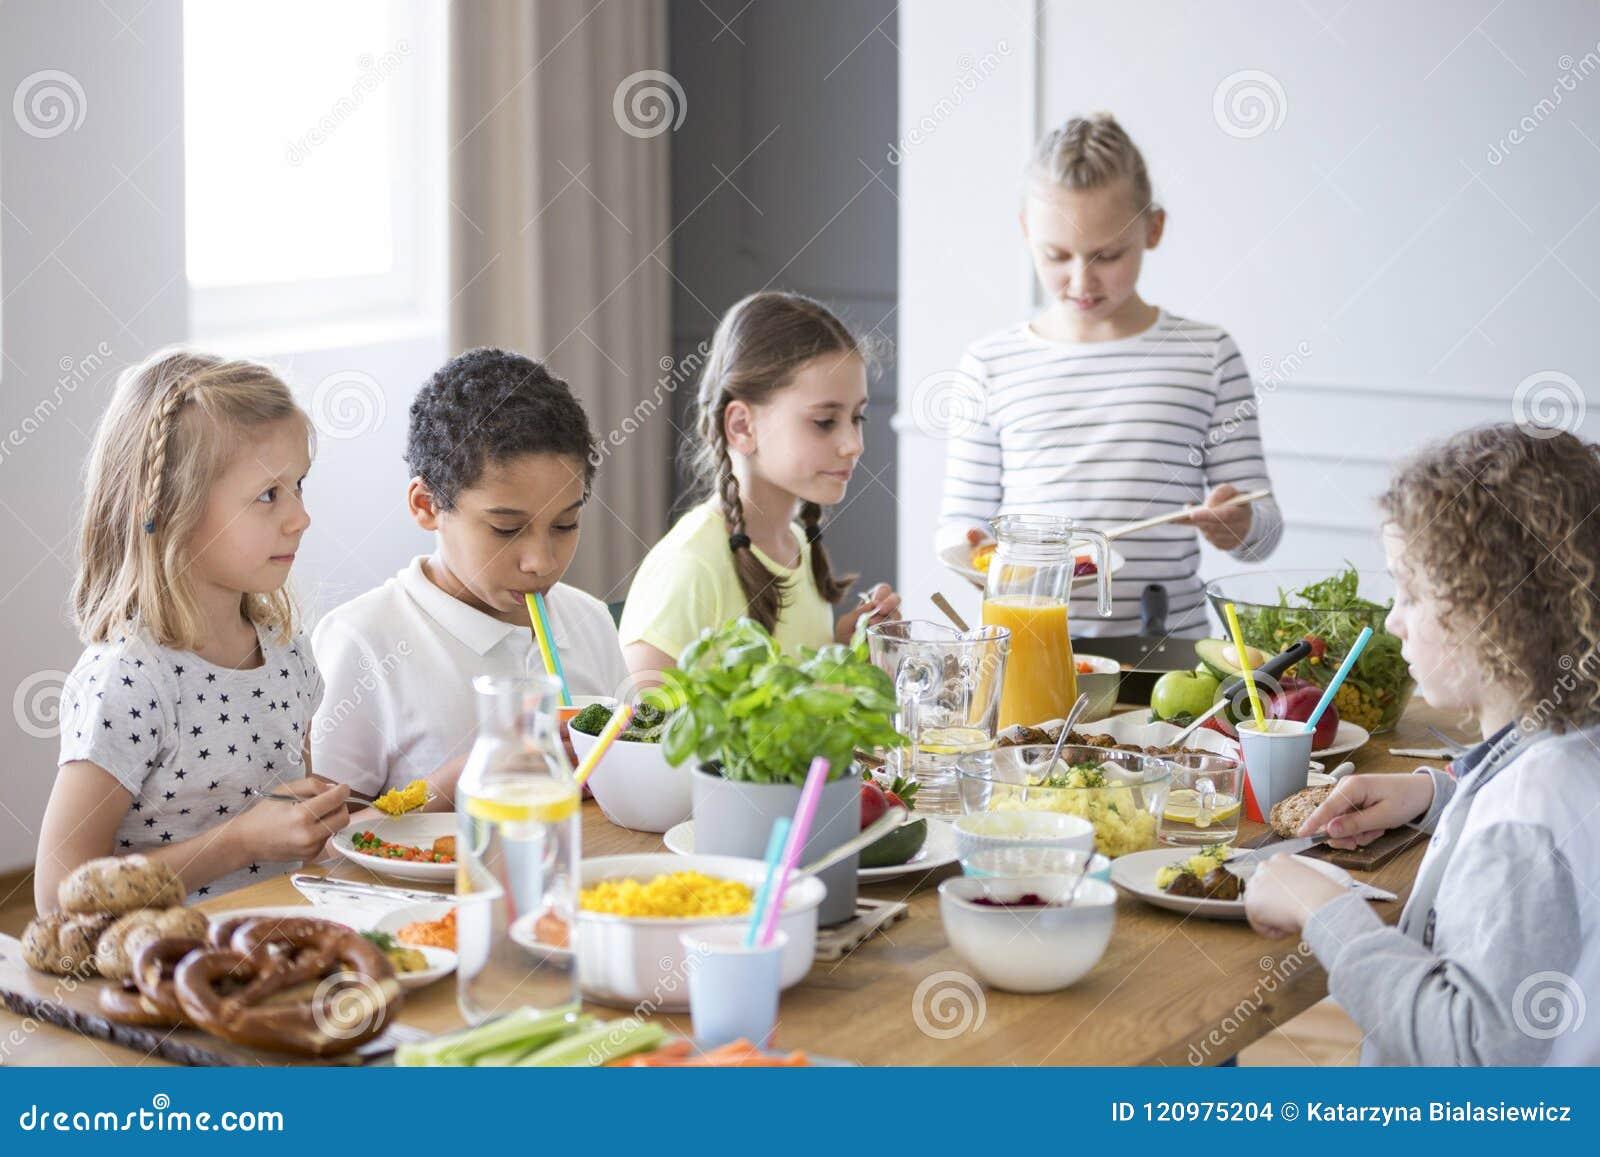 Barn som tycker om ett sunt mål vid en tabell i en matsaldur